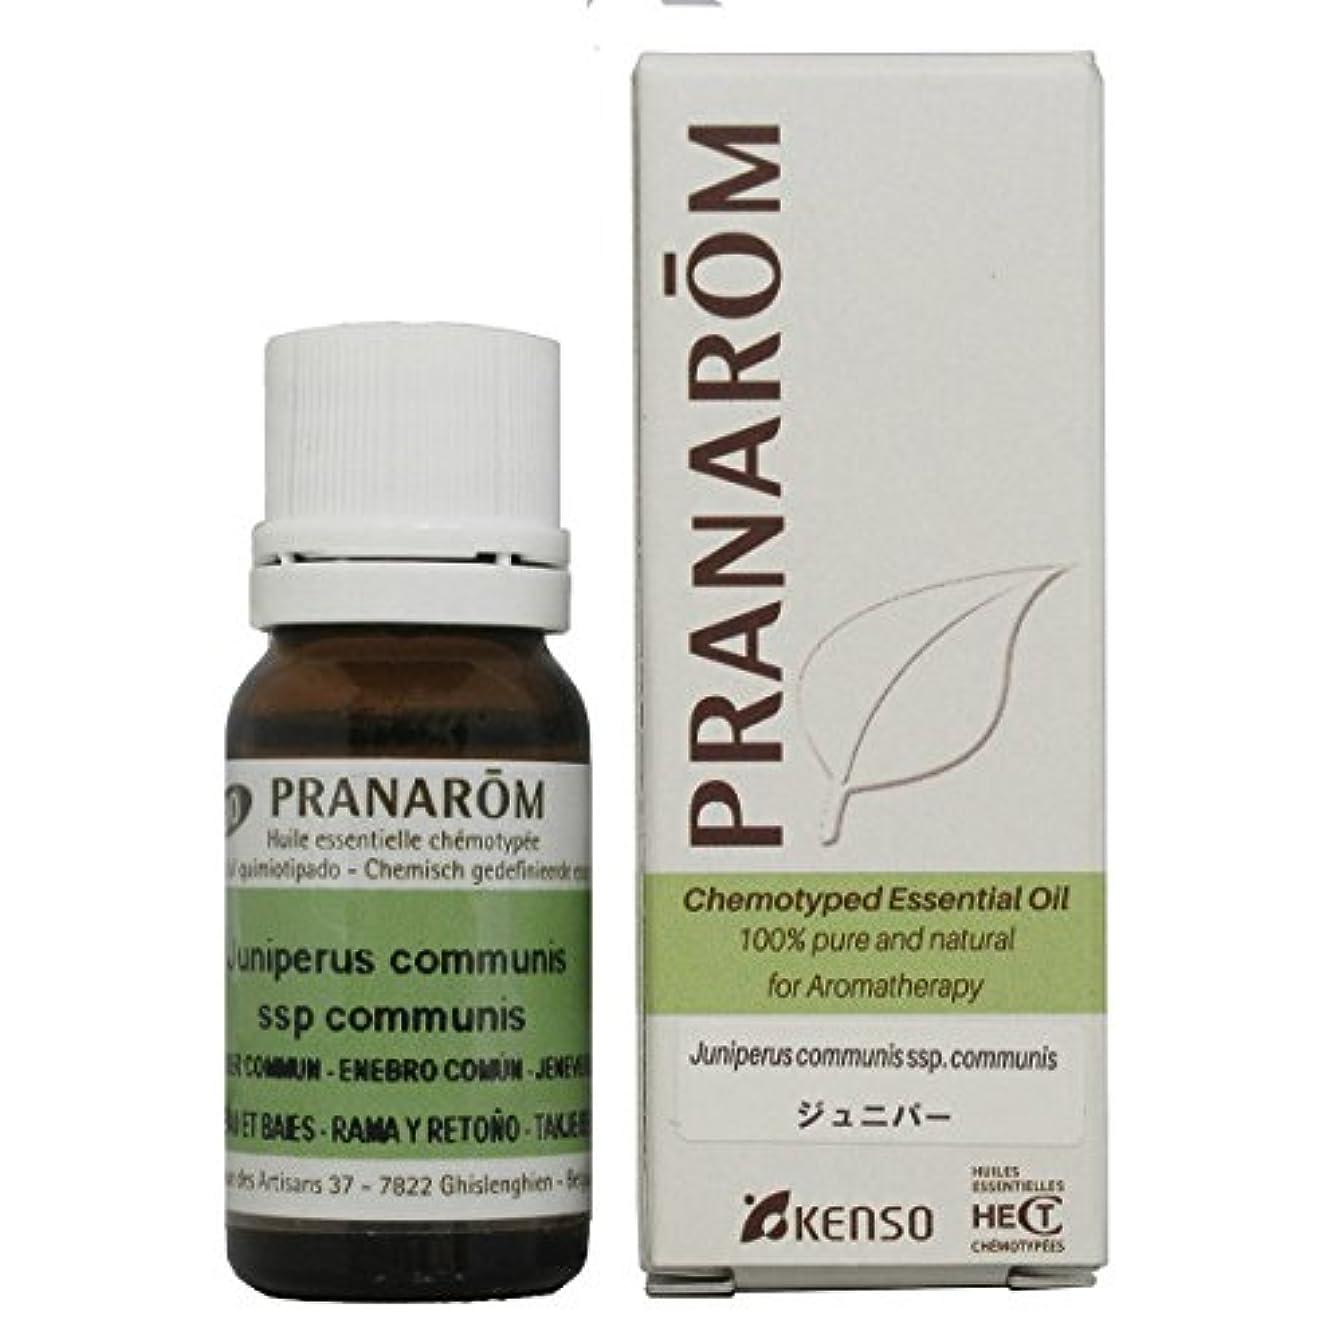 モーター再生的安らぎプラナロム ジュニパー(葉枝) 10ml (PRANAROM ケモタイプ精油)